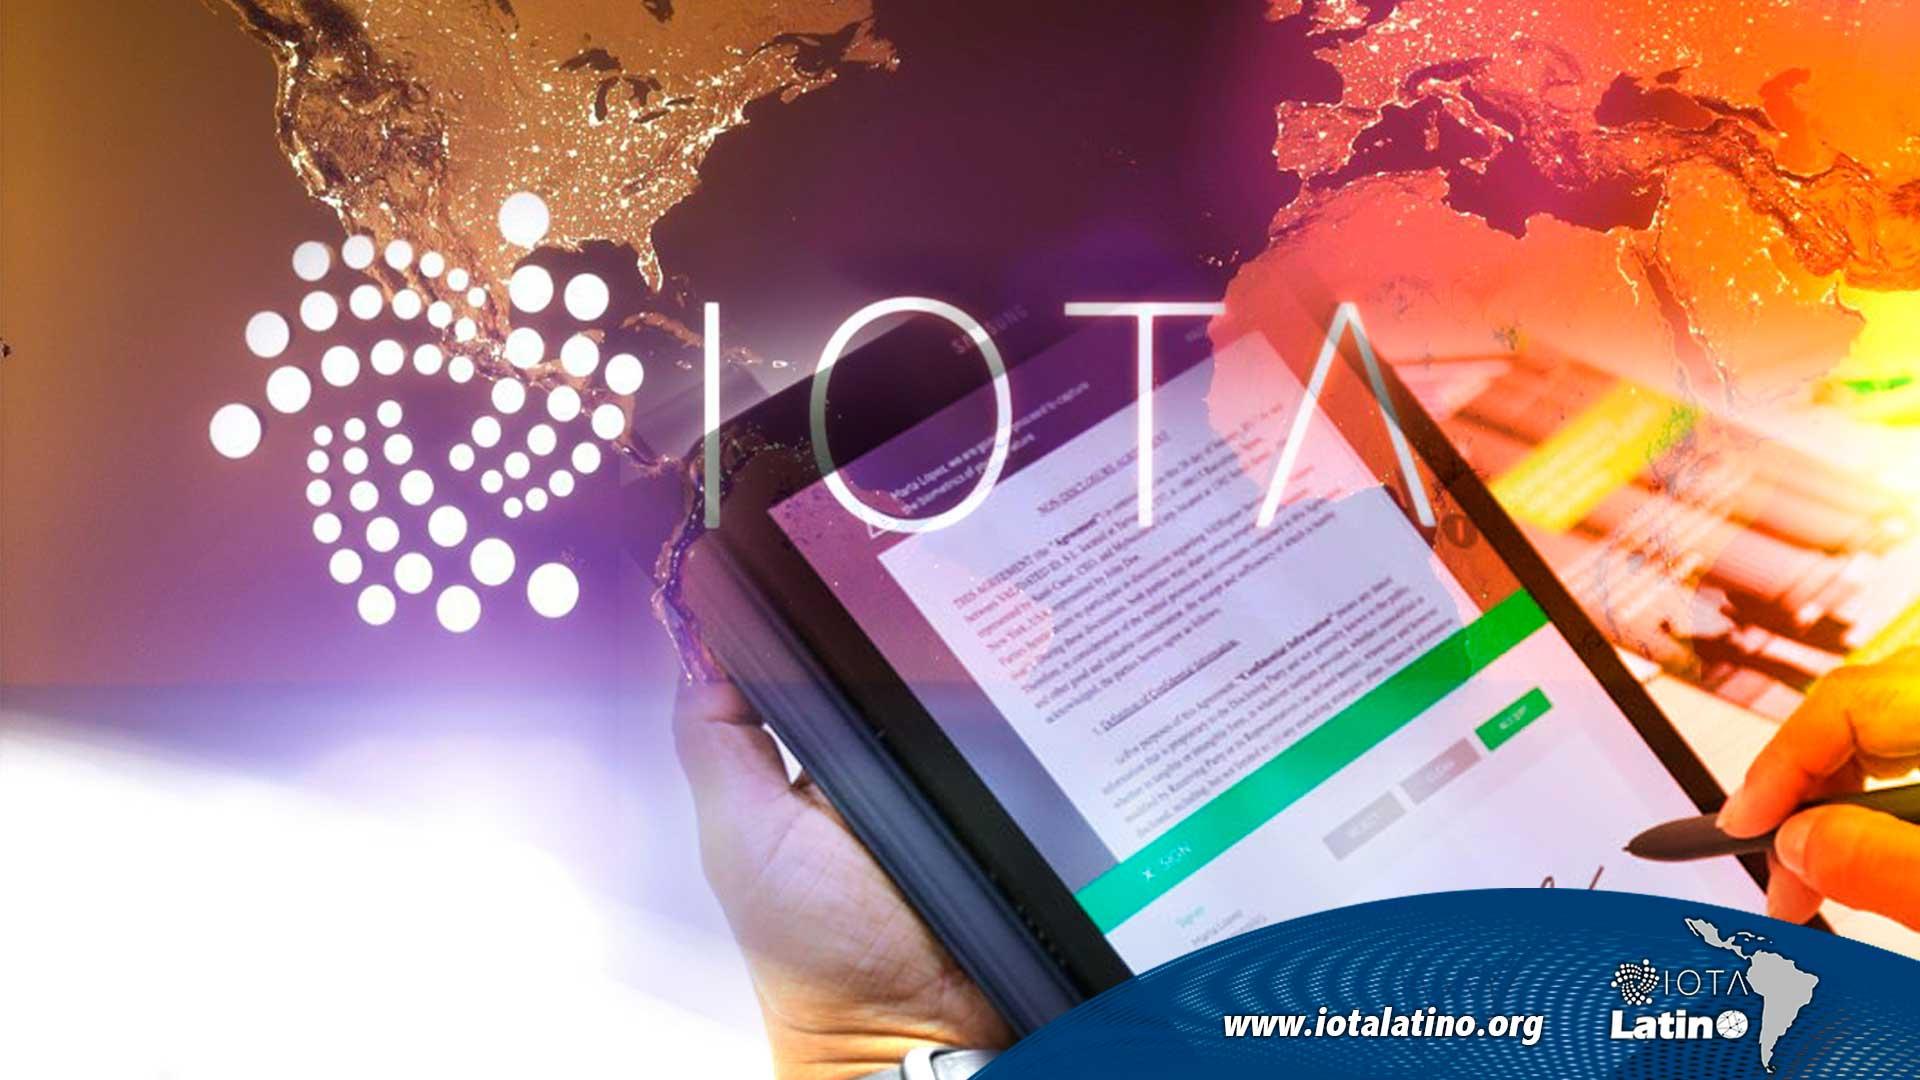 Contratos Inteligentes de IOTA - IOTA Latino